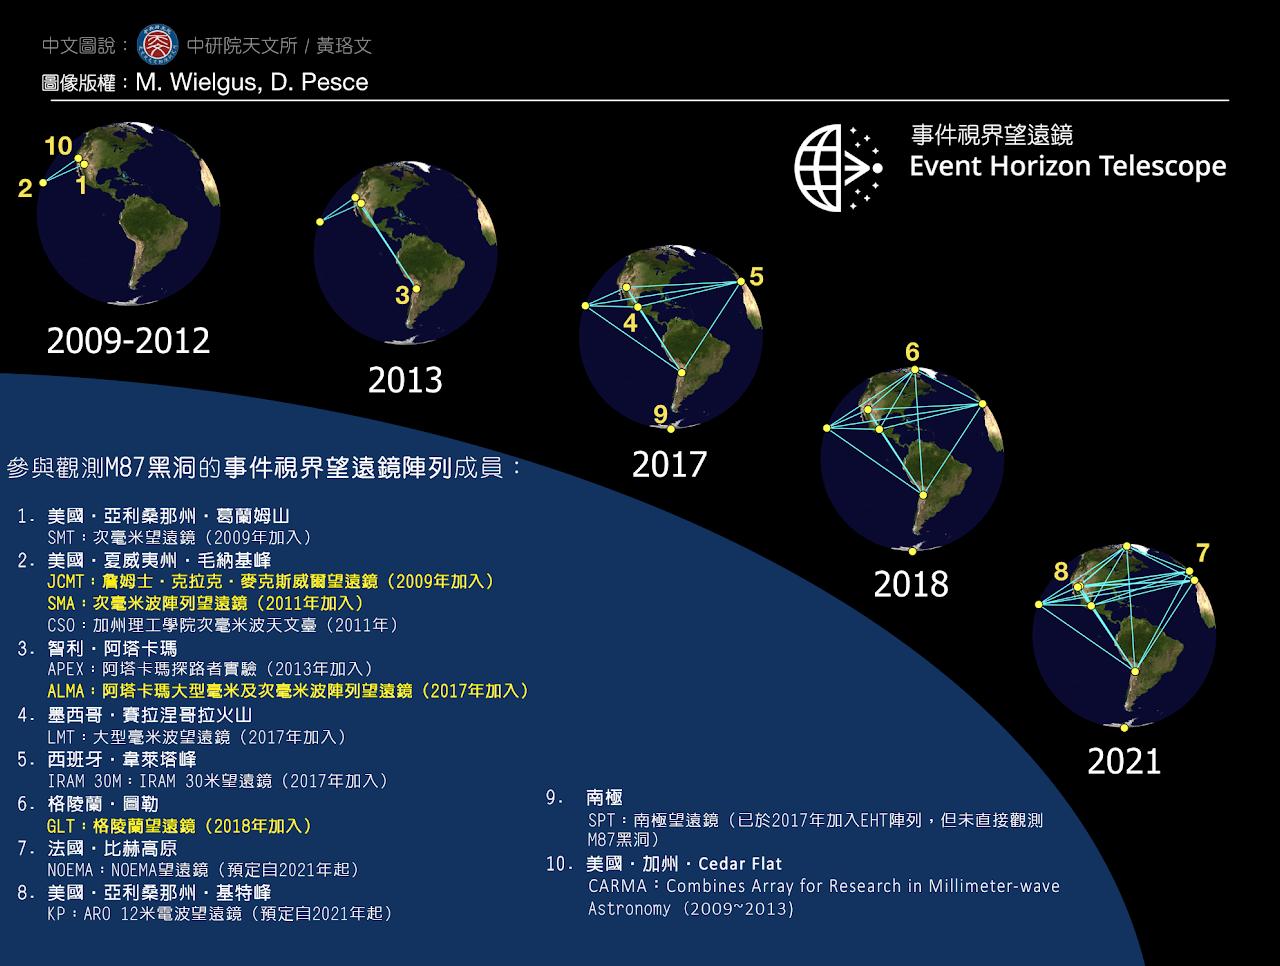 從 2009 年之後,事件視界望遠鏡的天線成員數量陸續增加,臺灣目前總共貢獻了 4 座望遠鏡的營運與儀器技術。圖│中研院天文所